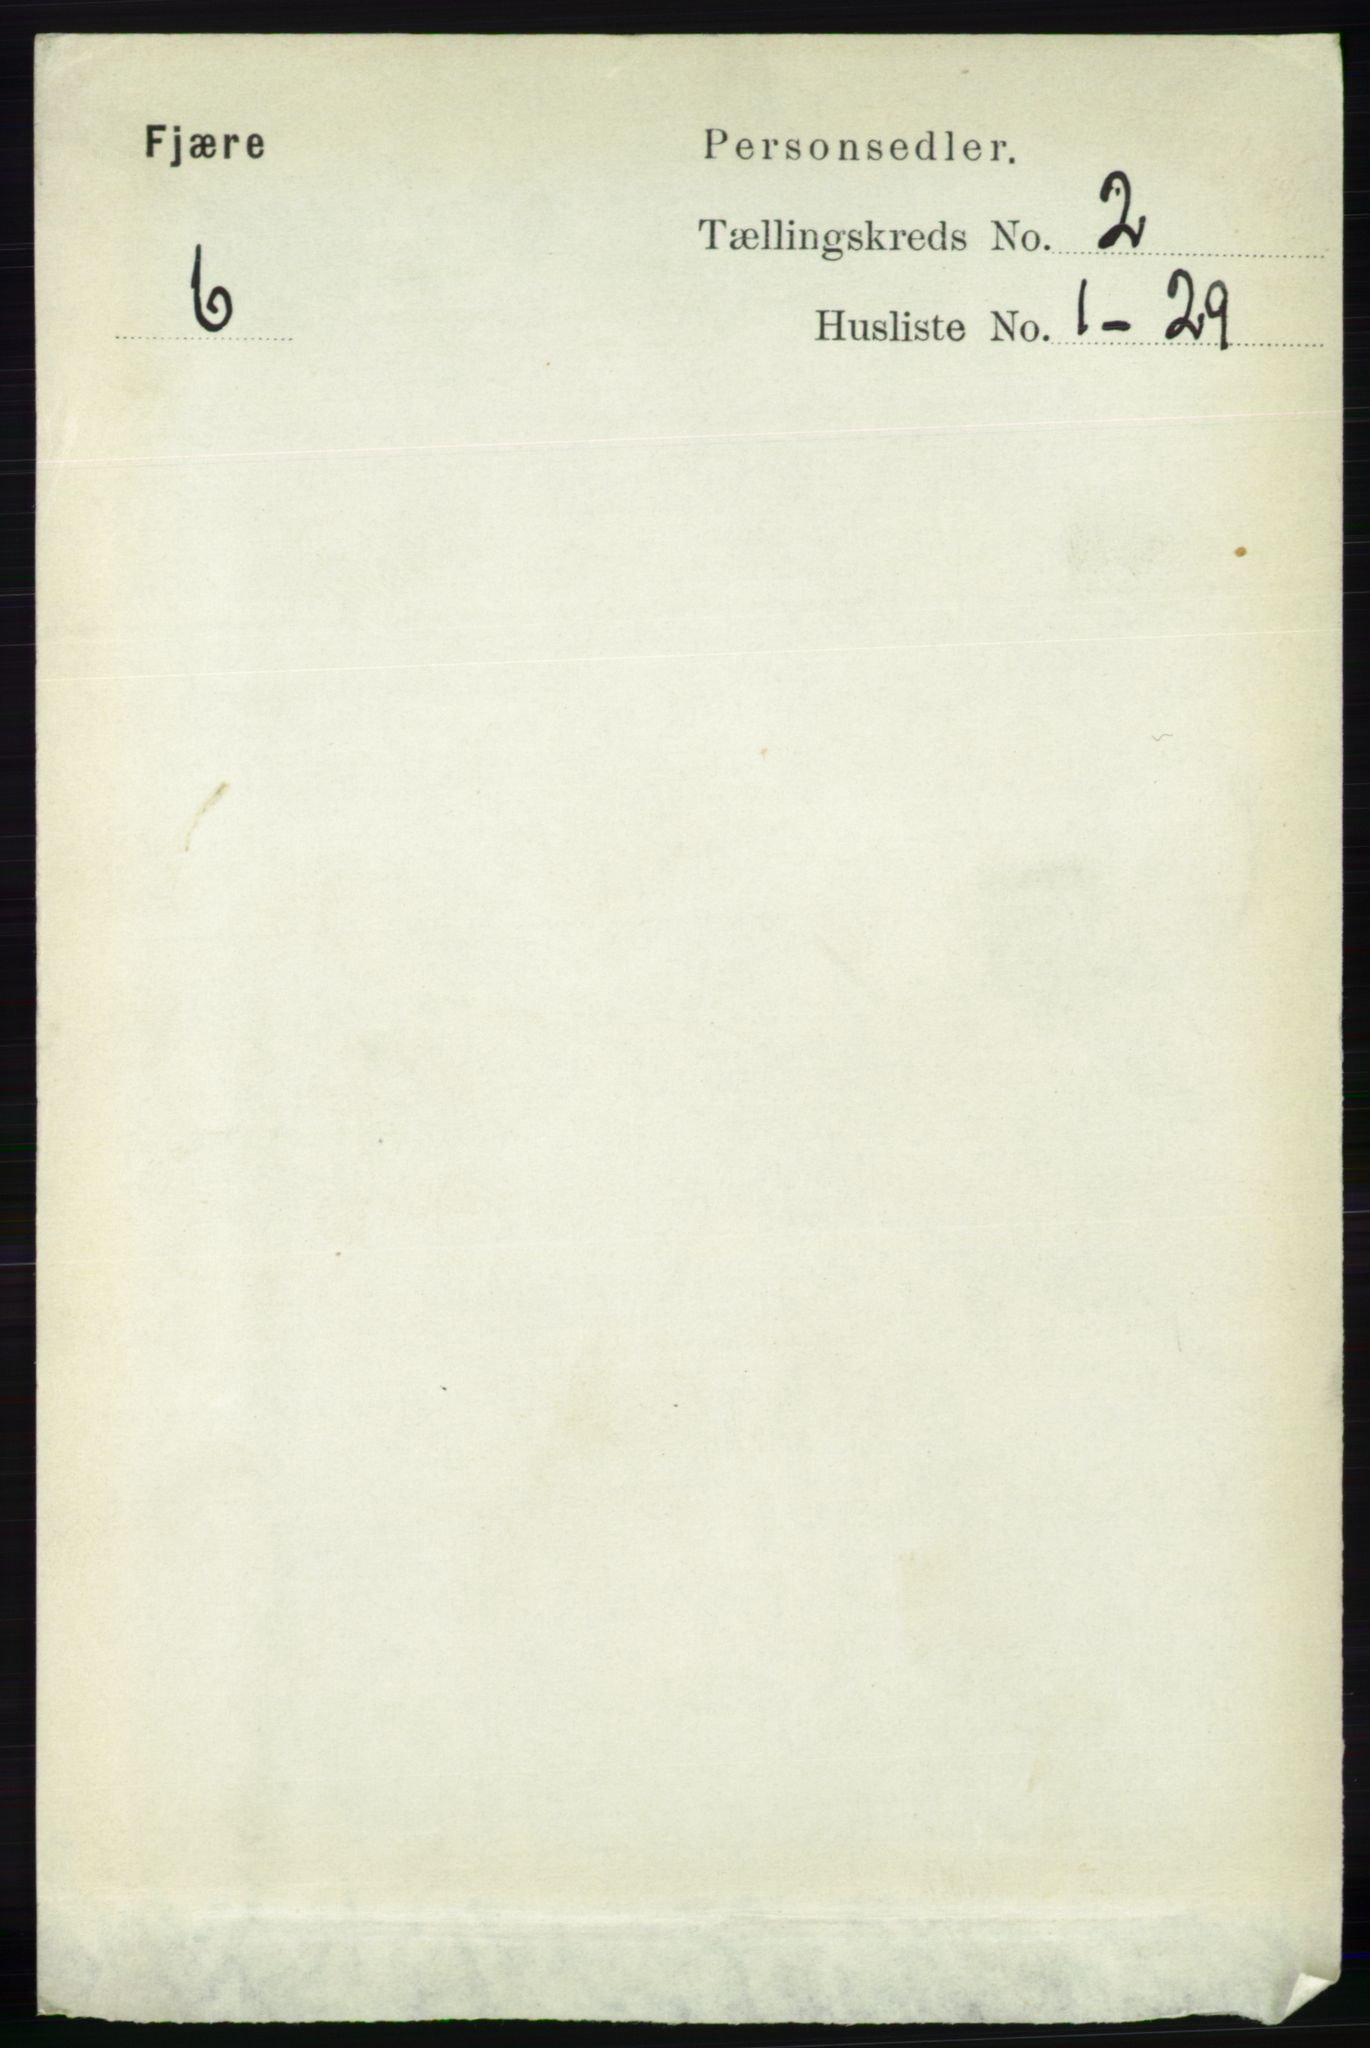 RA, Folketelling 1891 for 0923 Fjære herred, 1891, s. 737